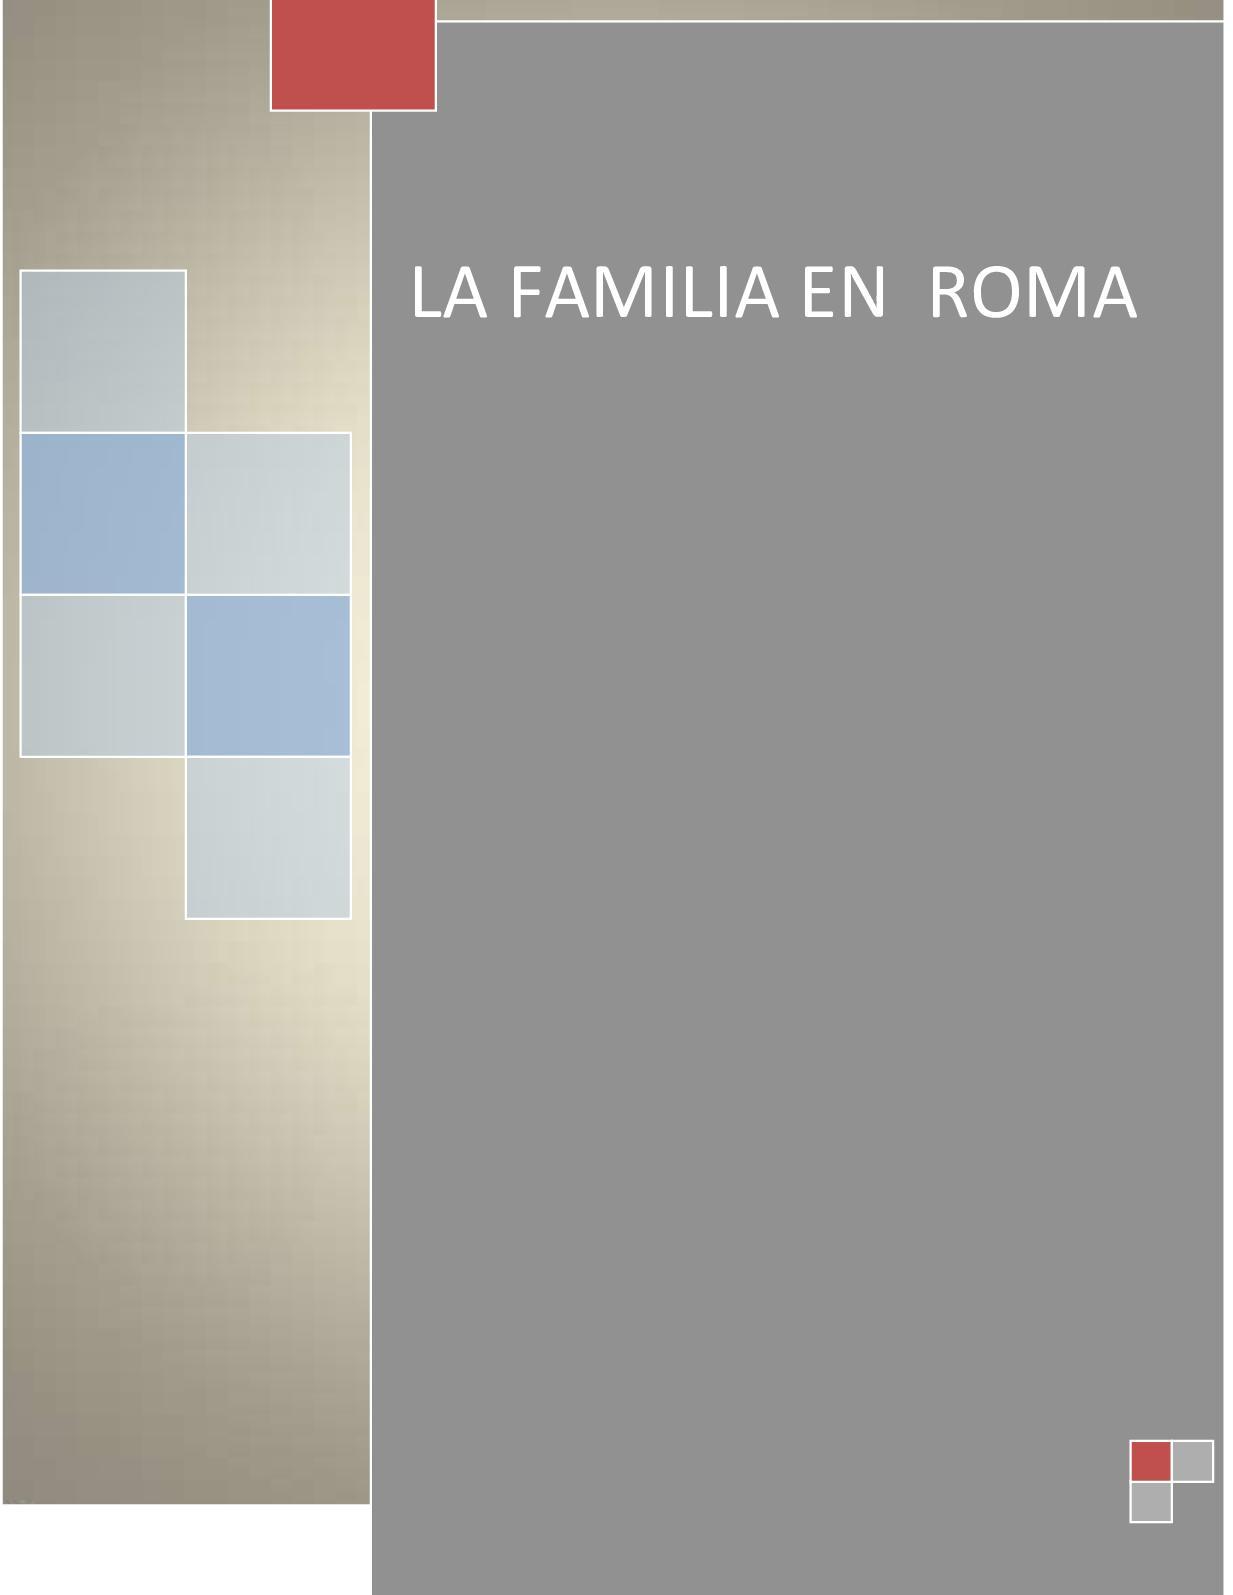 Matrimonio Romano Iustae Nuptiae : Calaméo familia romana sam y fany